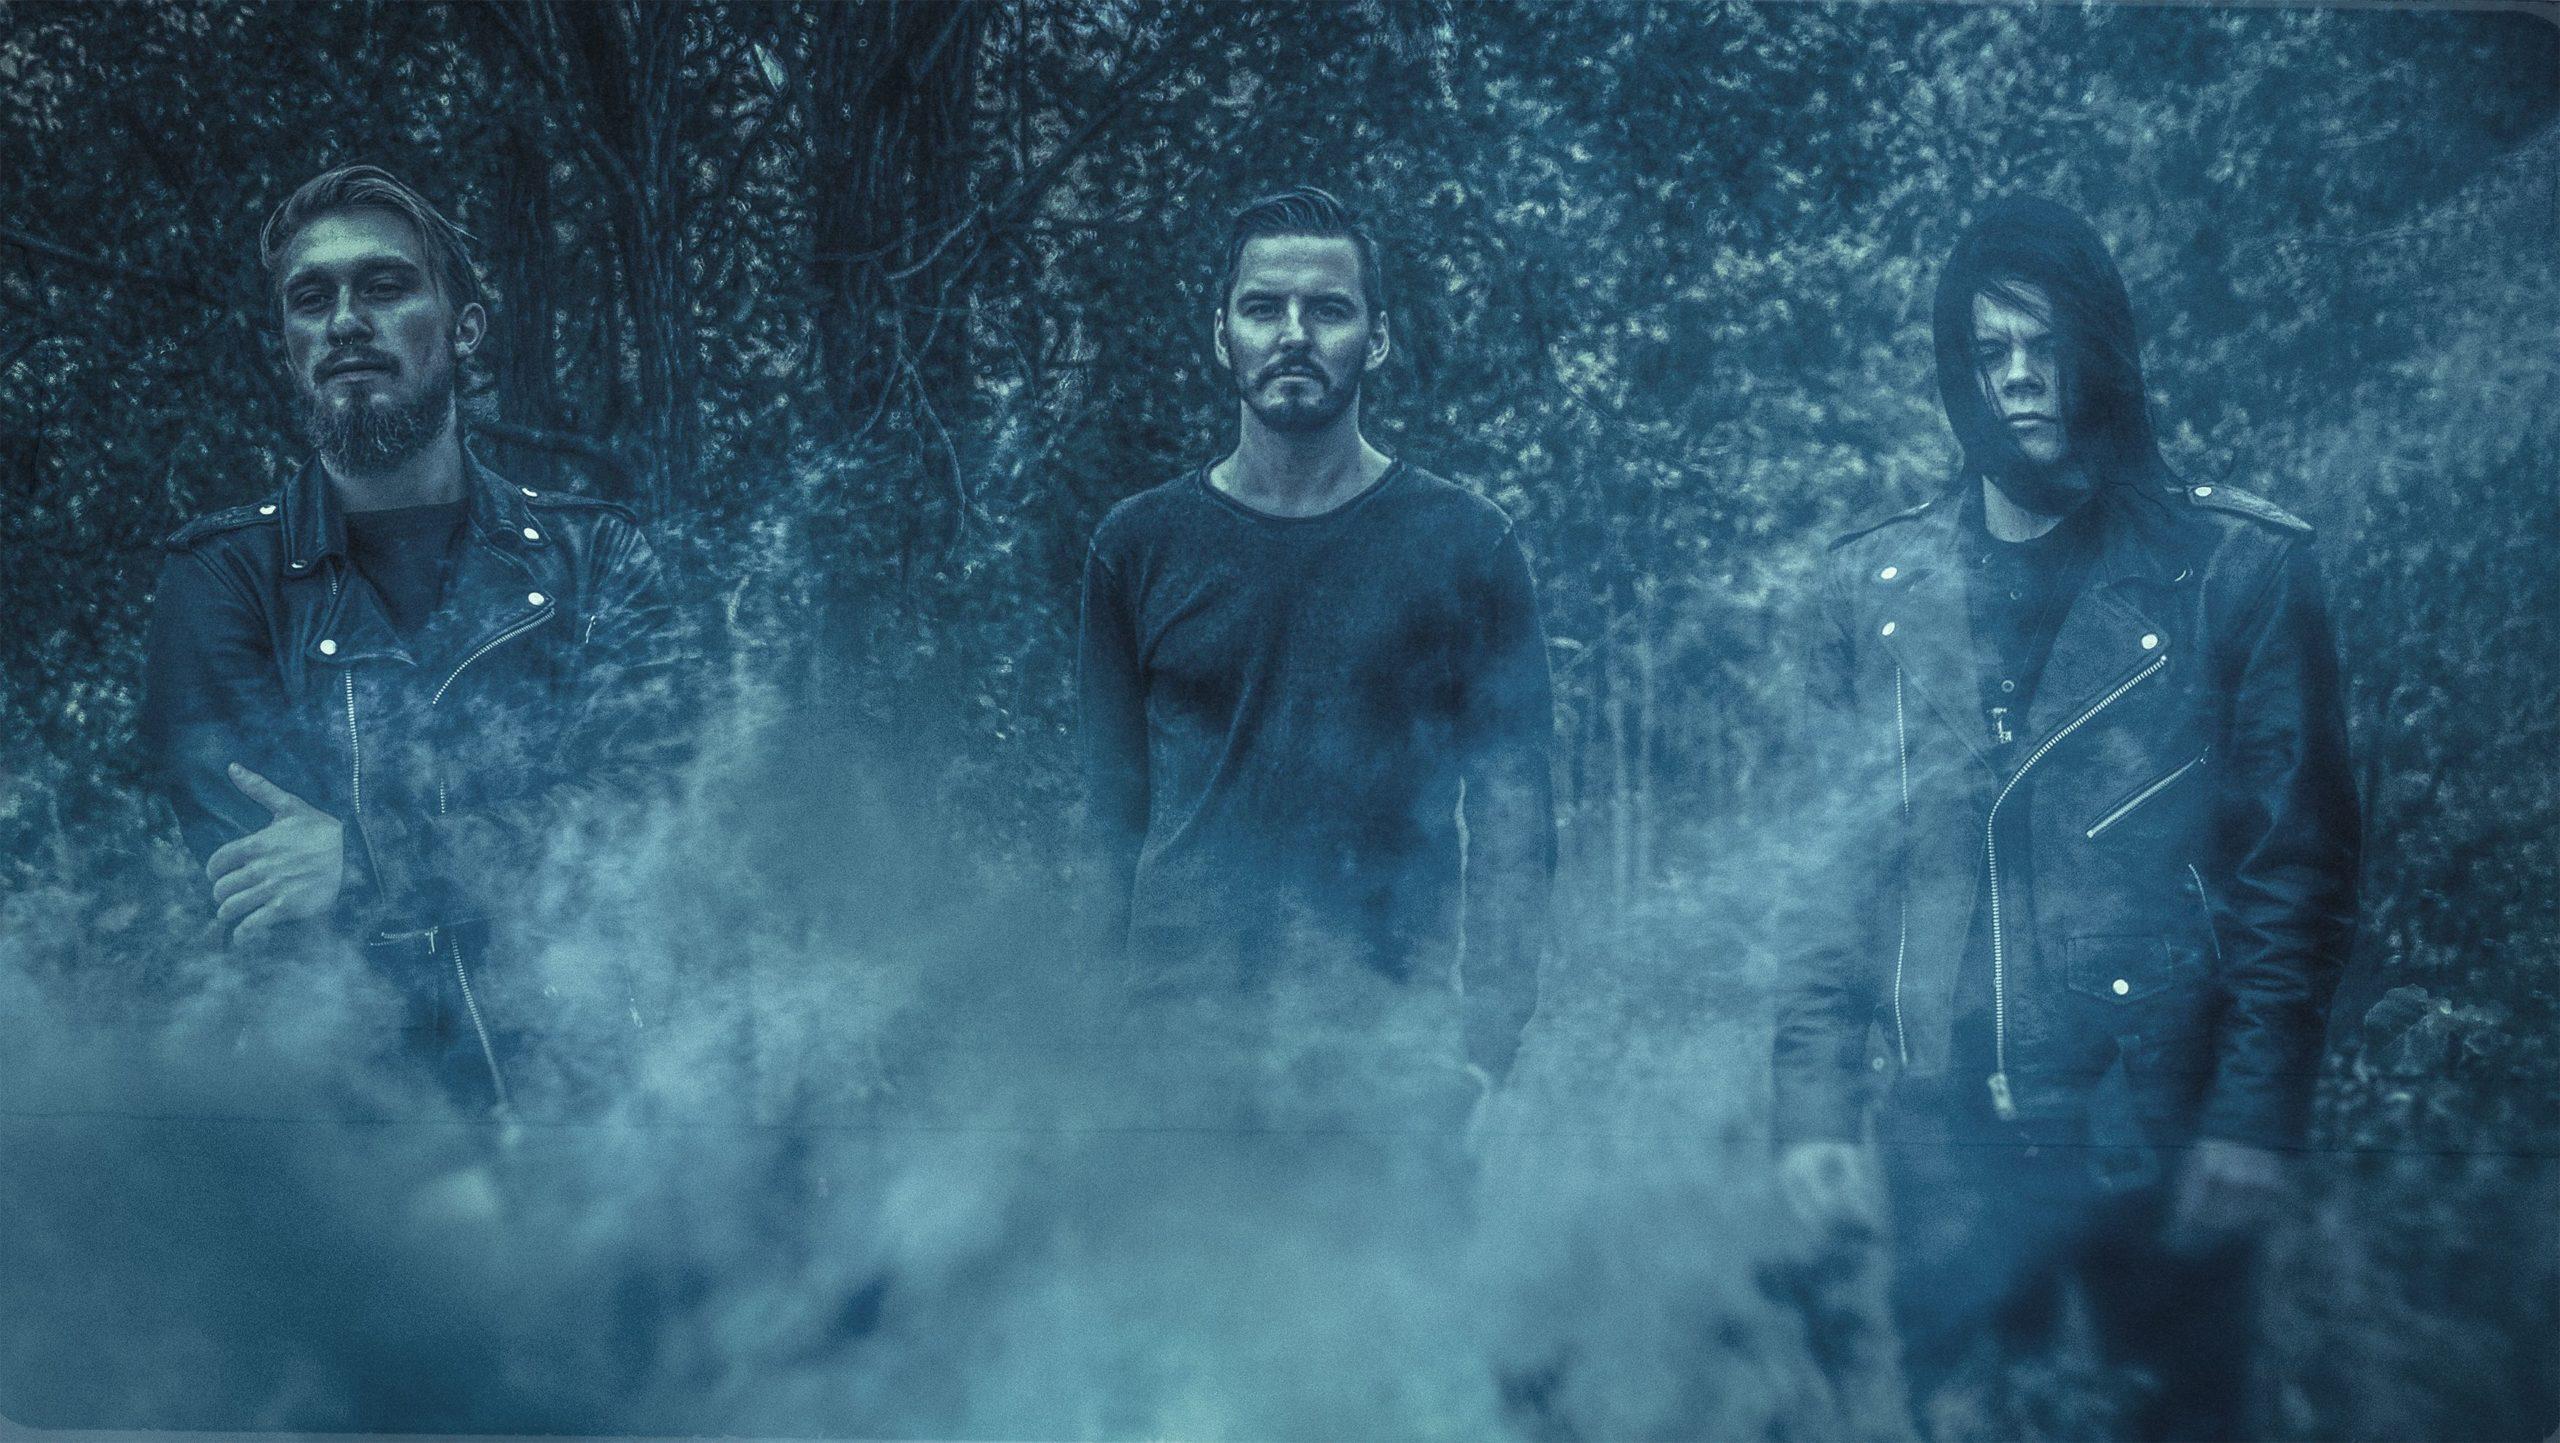 """Progressiivisen metalcore-yhtye Split Irisin massiivinen """"Horizon""""-single sinetöi debyytti-EP:n"""